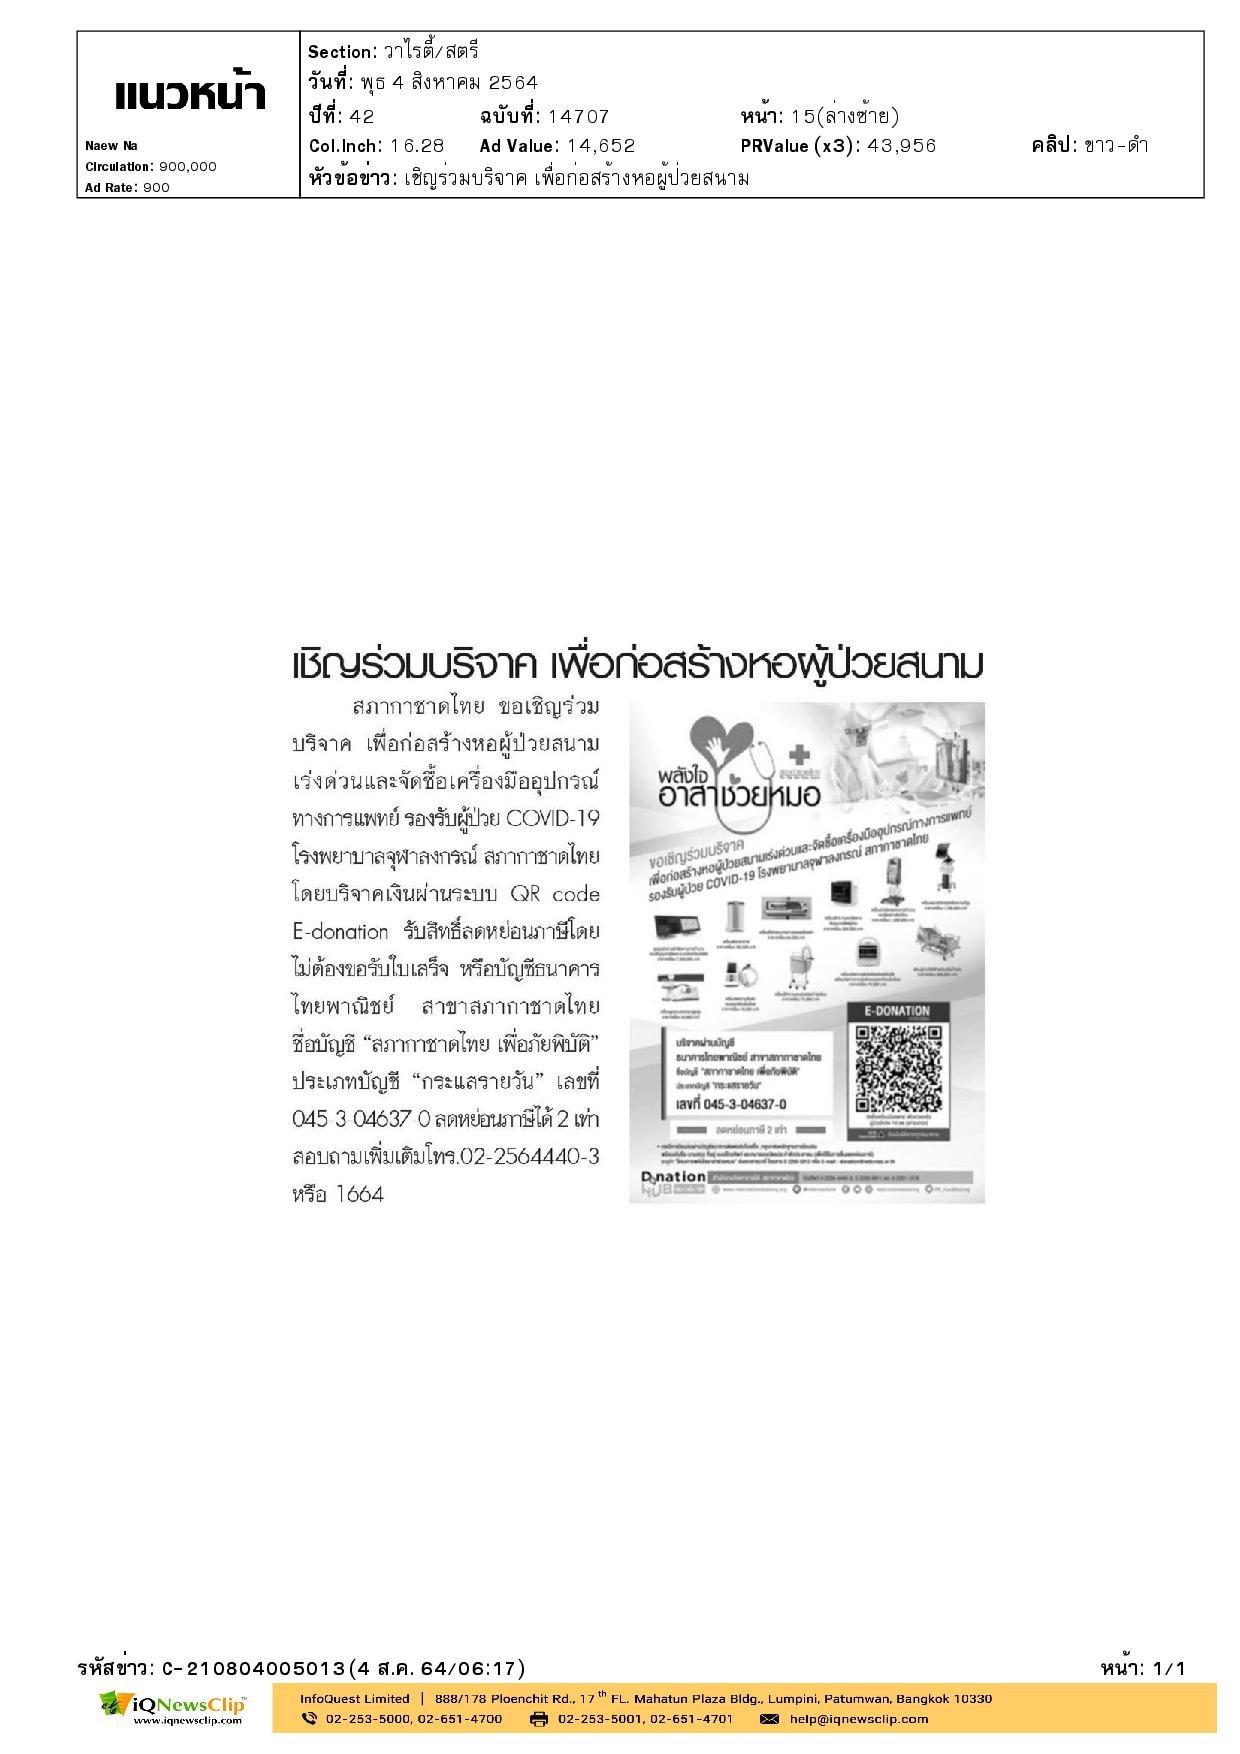 สภากาชาดไทยเชิญร่วมบริจาคเพื่อก่อสร้างหอผู้ป่วยสนามเร่งด่วน และจัดซื้อเครื่องมืออุปกรณ์ทางการแพทย์รองรับผู้ป่วย COVID-19